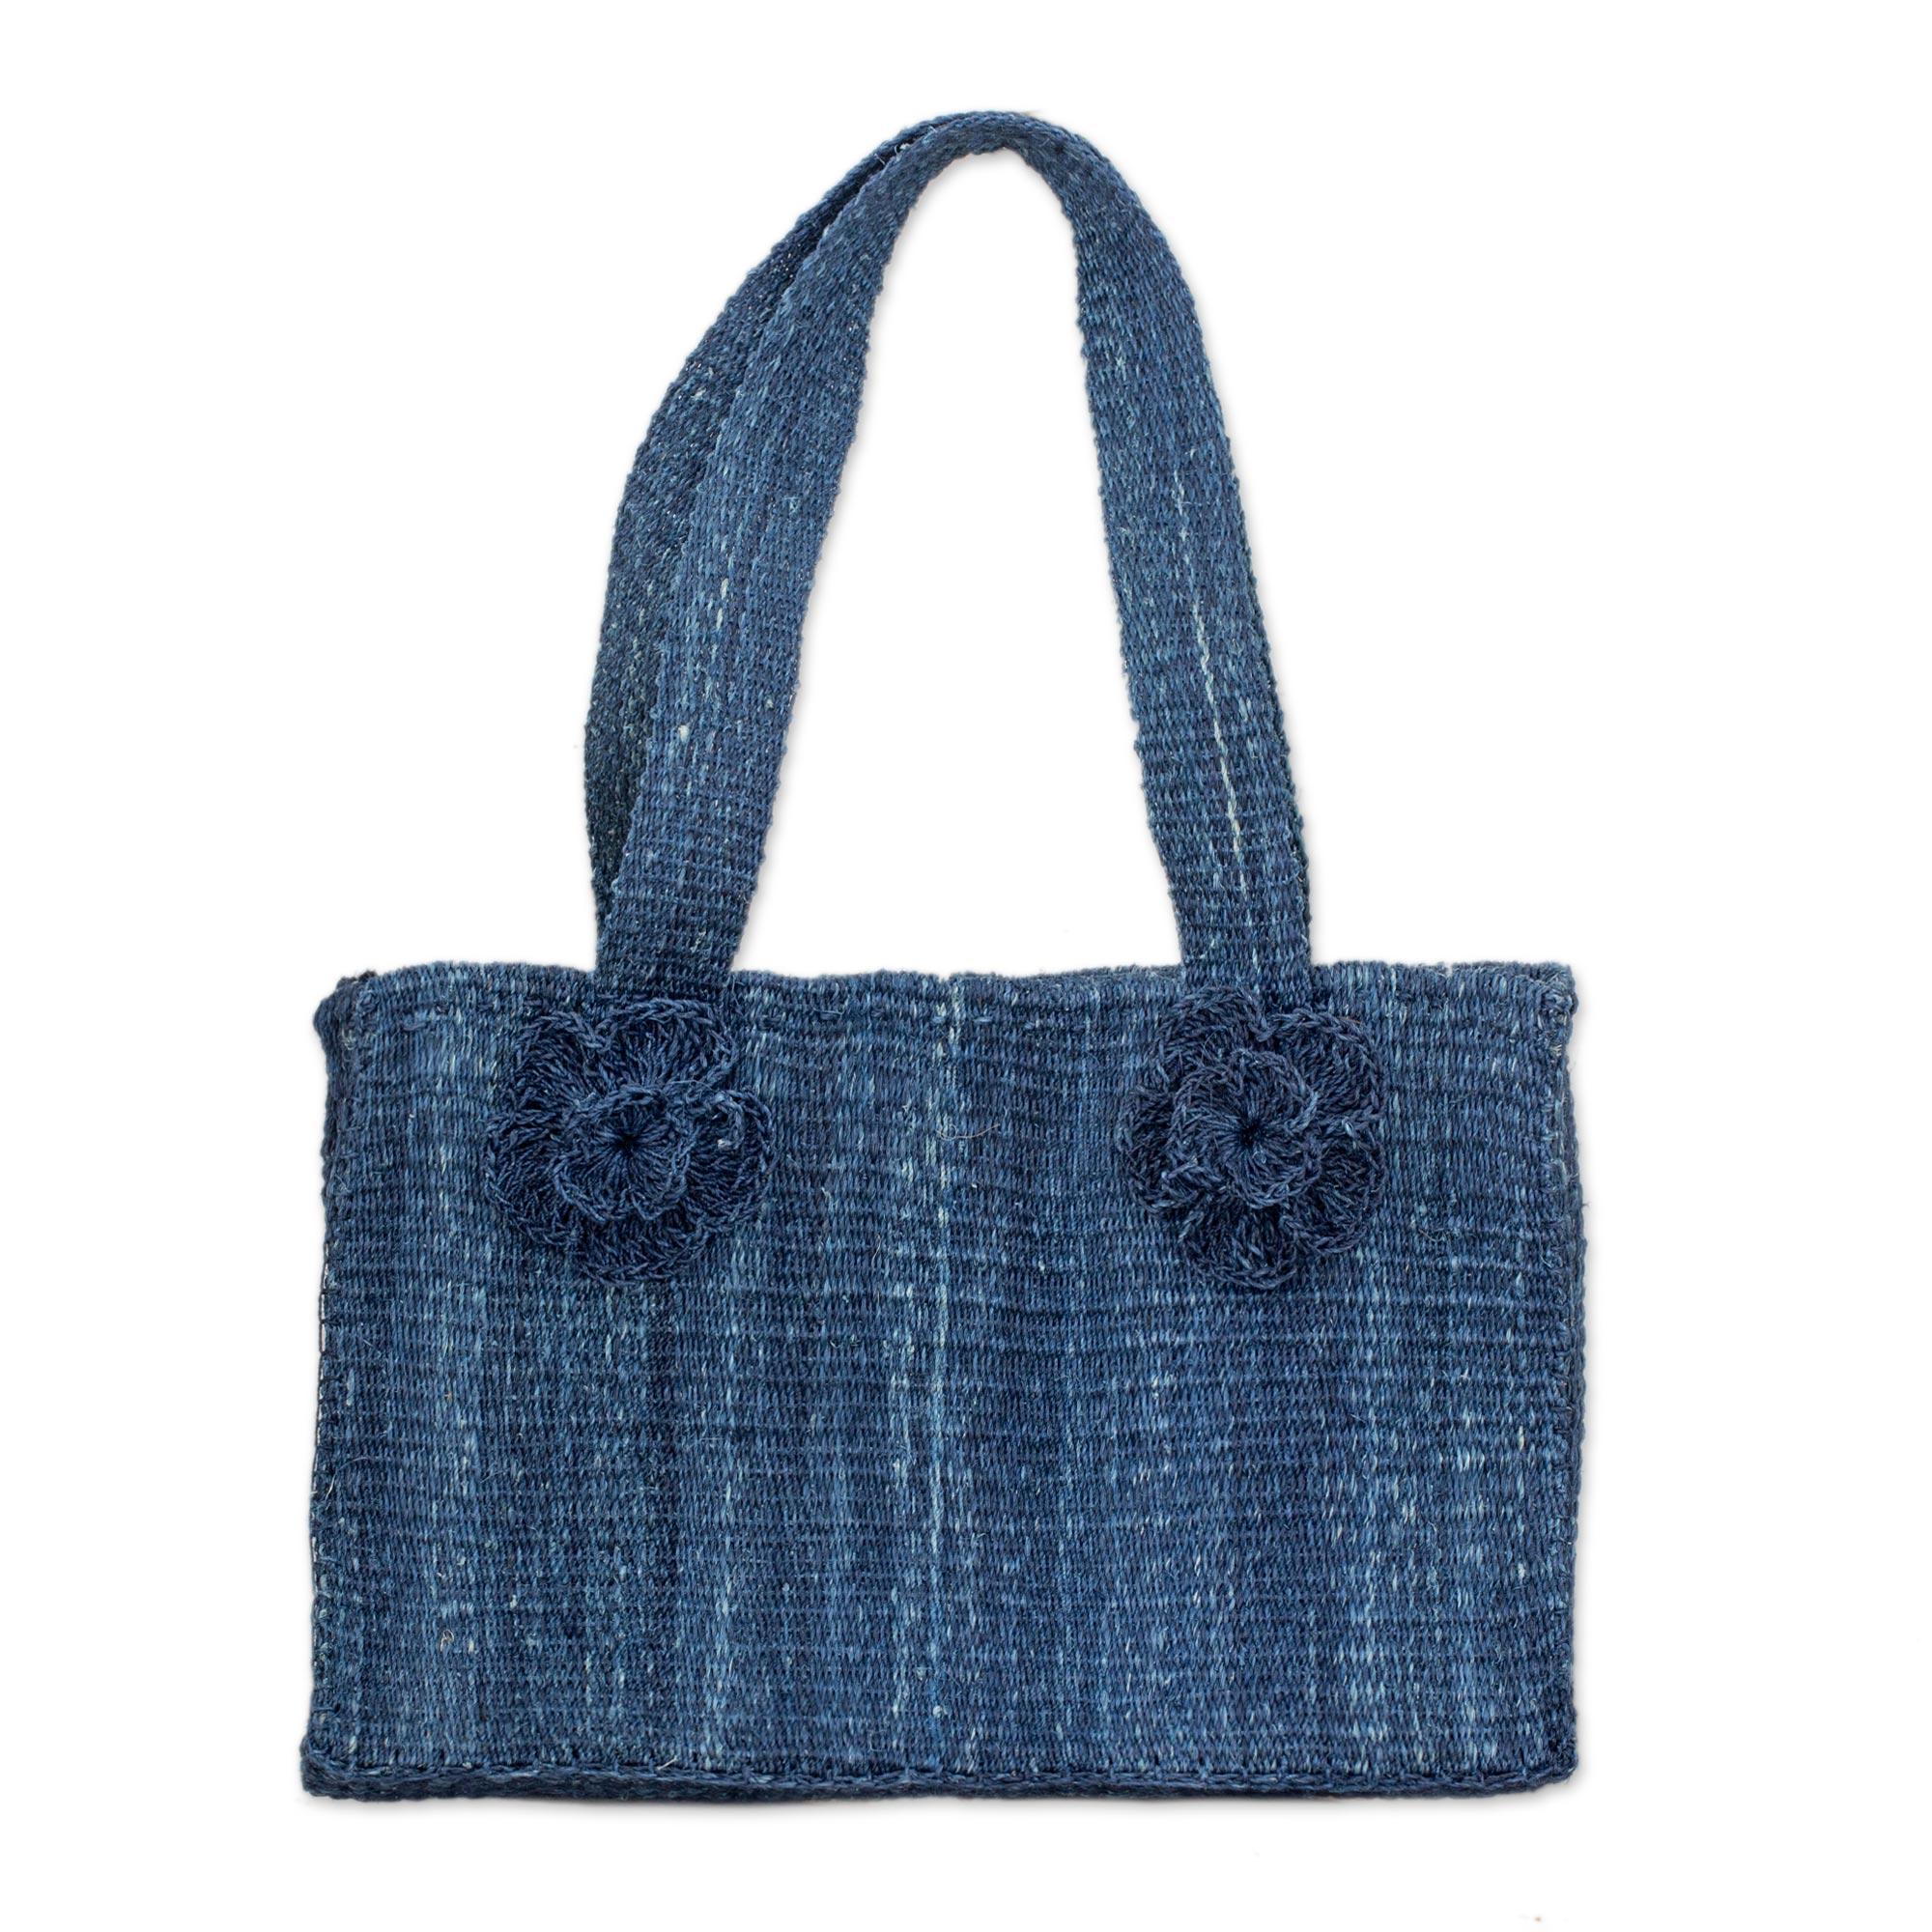 Novica Maguey shoulder bag, Blue Maya Rose - Natural Fiber Shoulder Bag